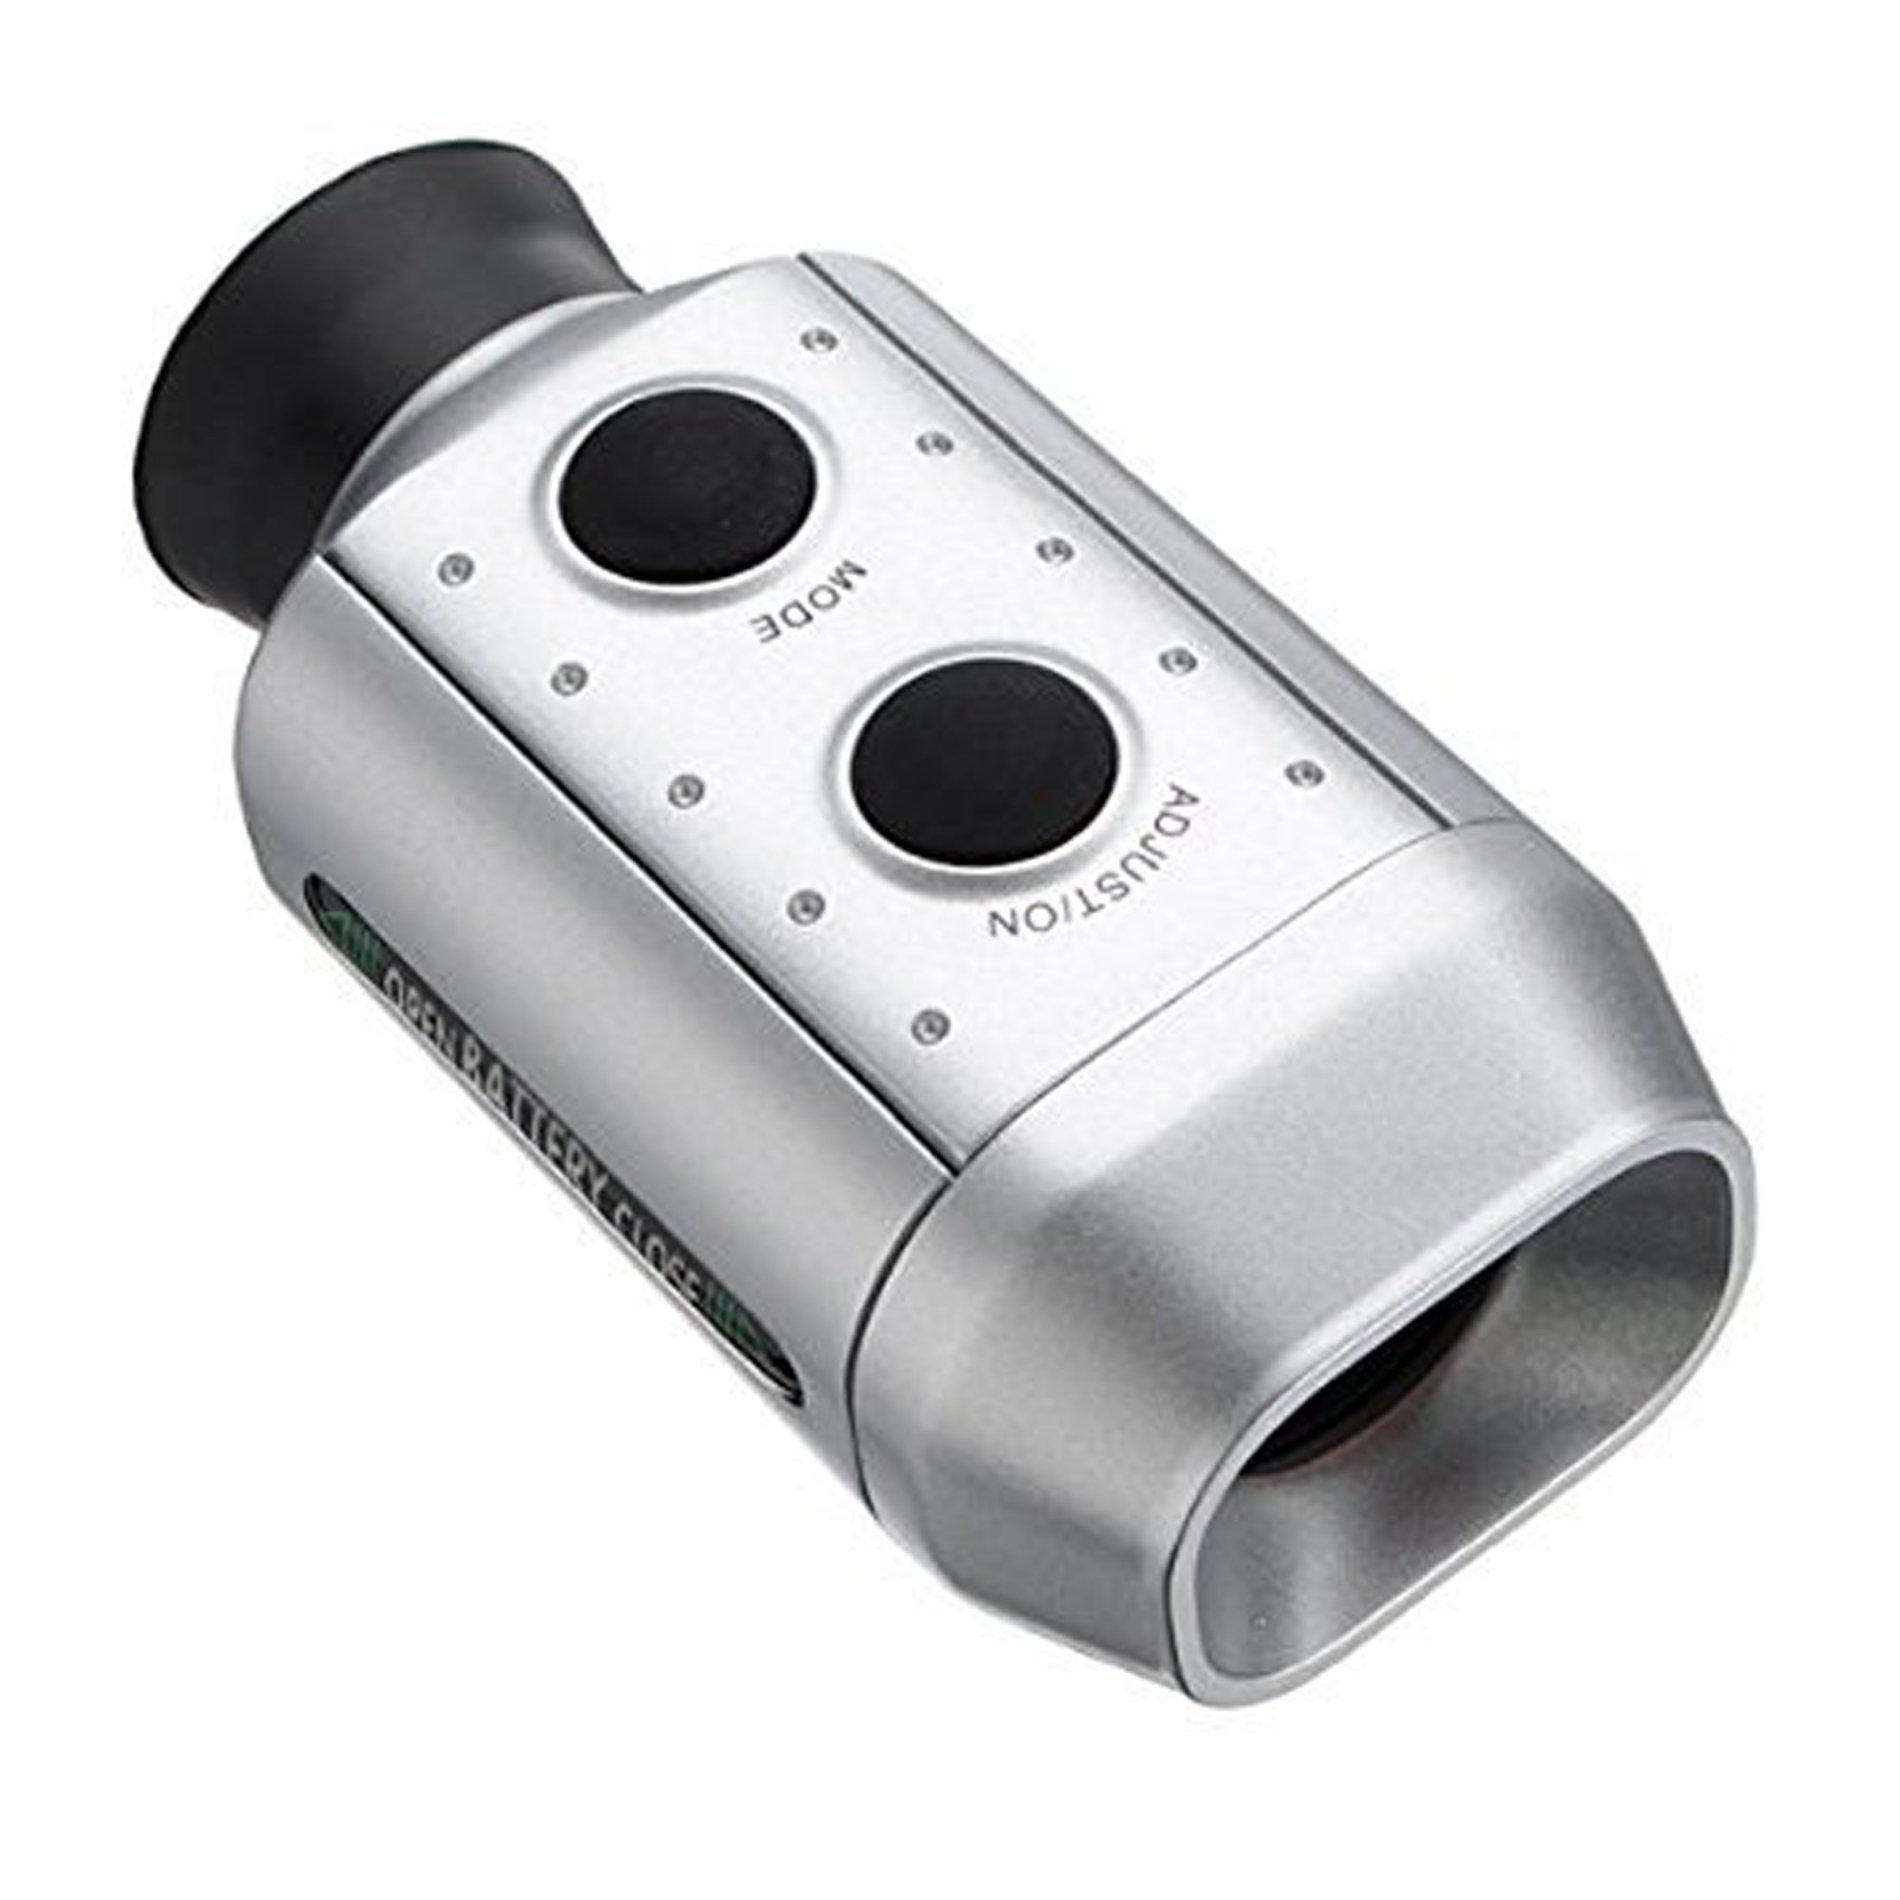 POSMA GF200 Golf Rangefinder Scope Digital Pocket 7x Zoom Golf Range Finder Magnification Distance Measurer by IDS Home (Image #2)